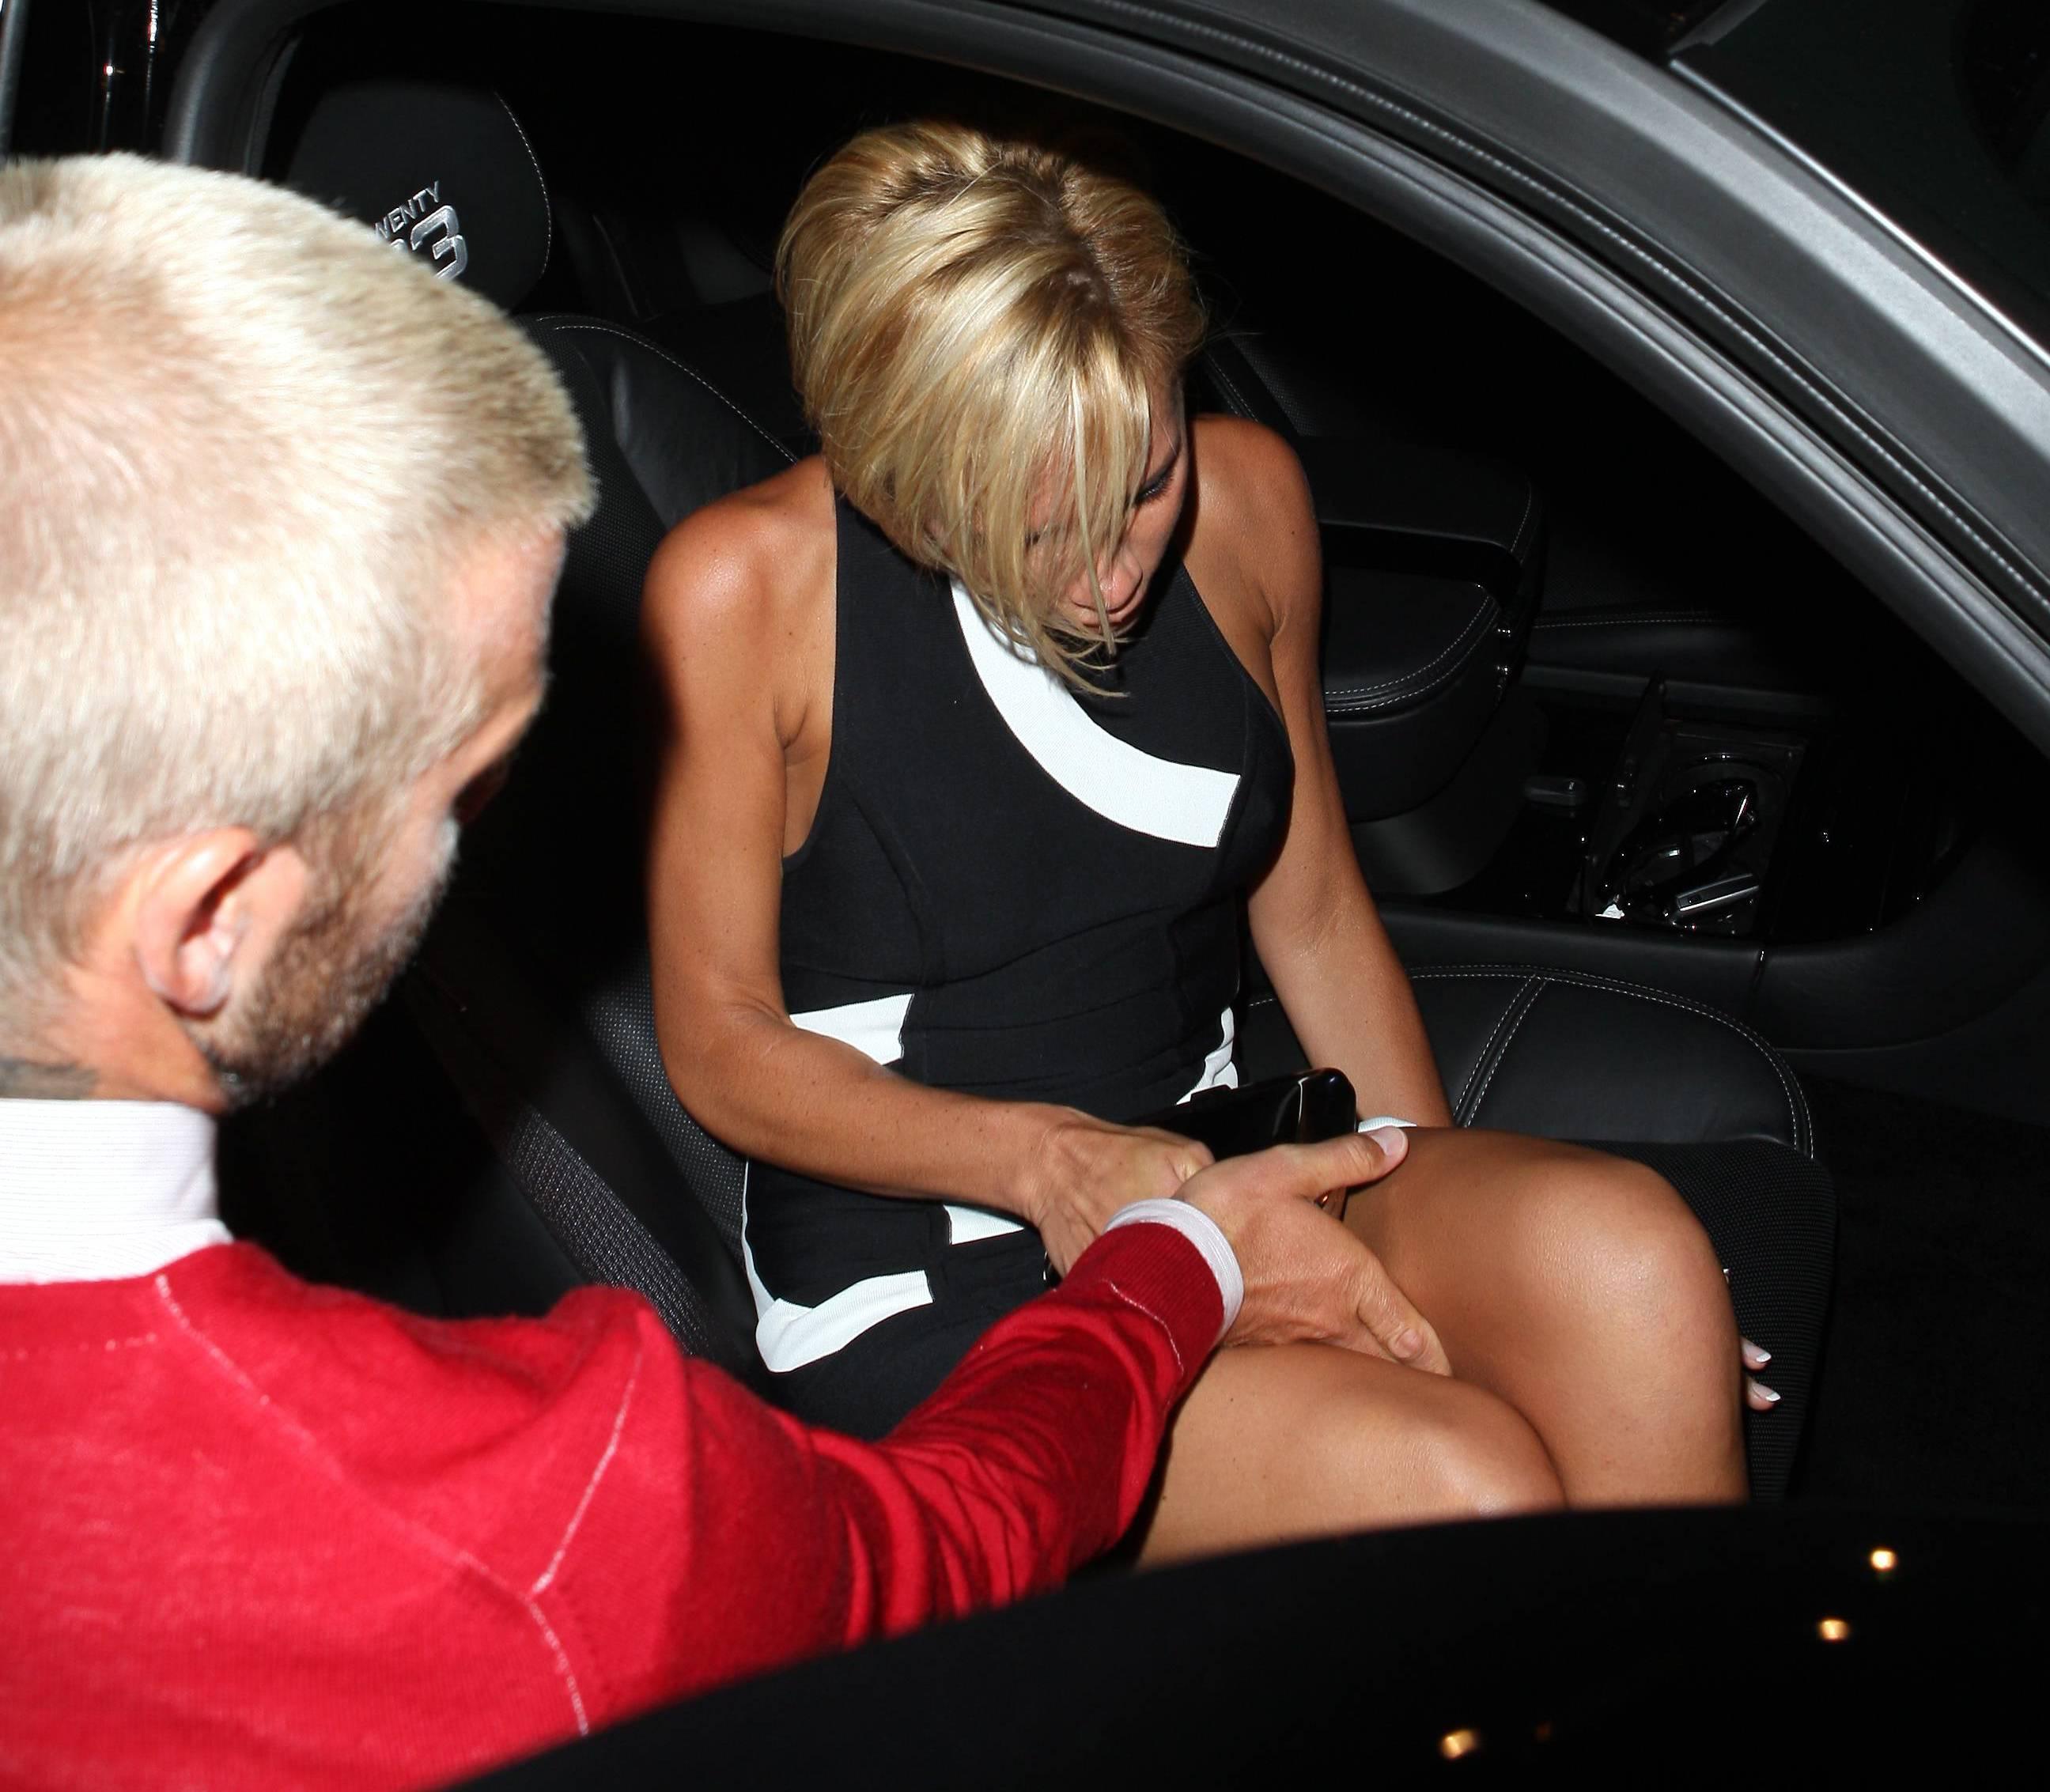 Смотреть лапает жену в машине 19 фотография